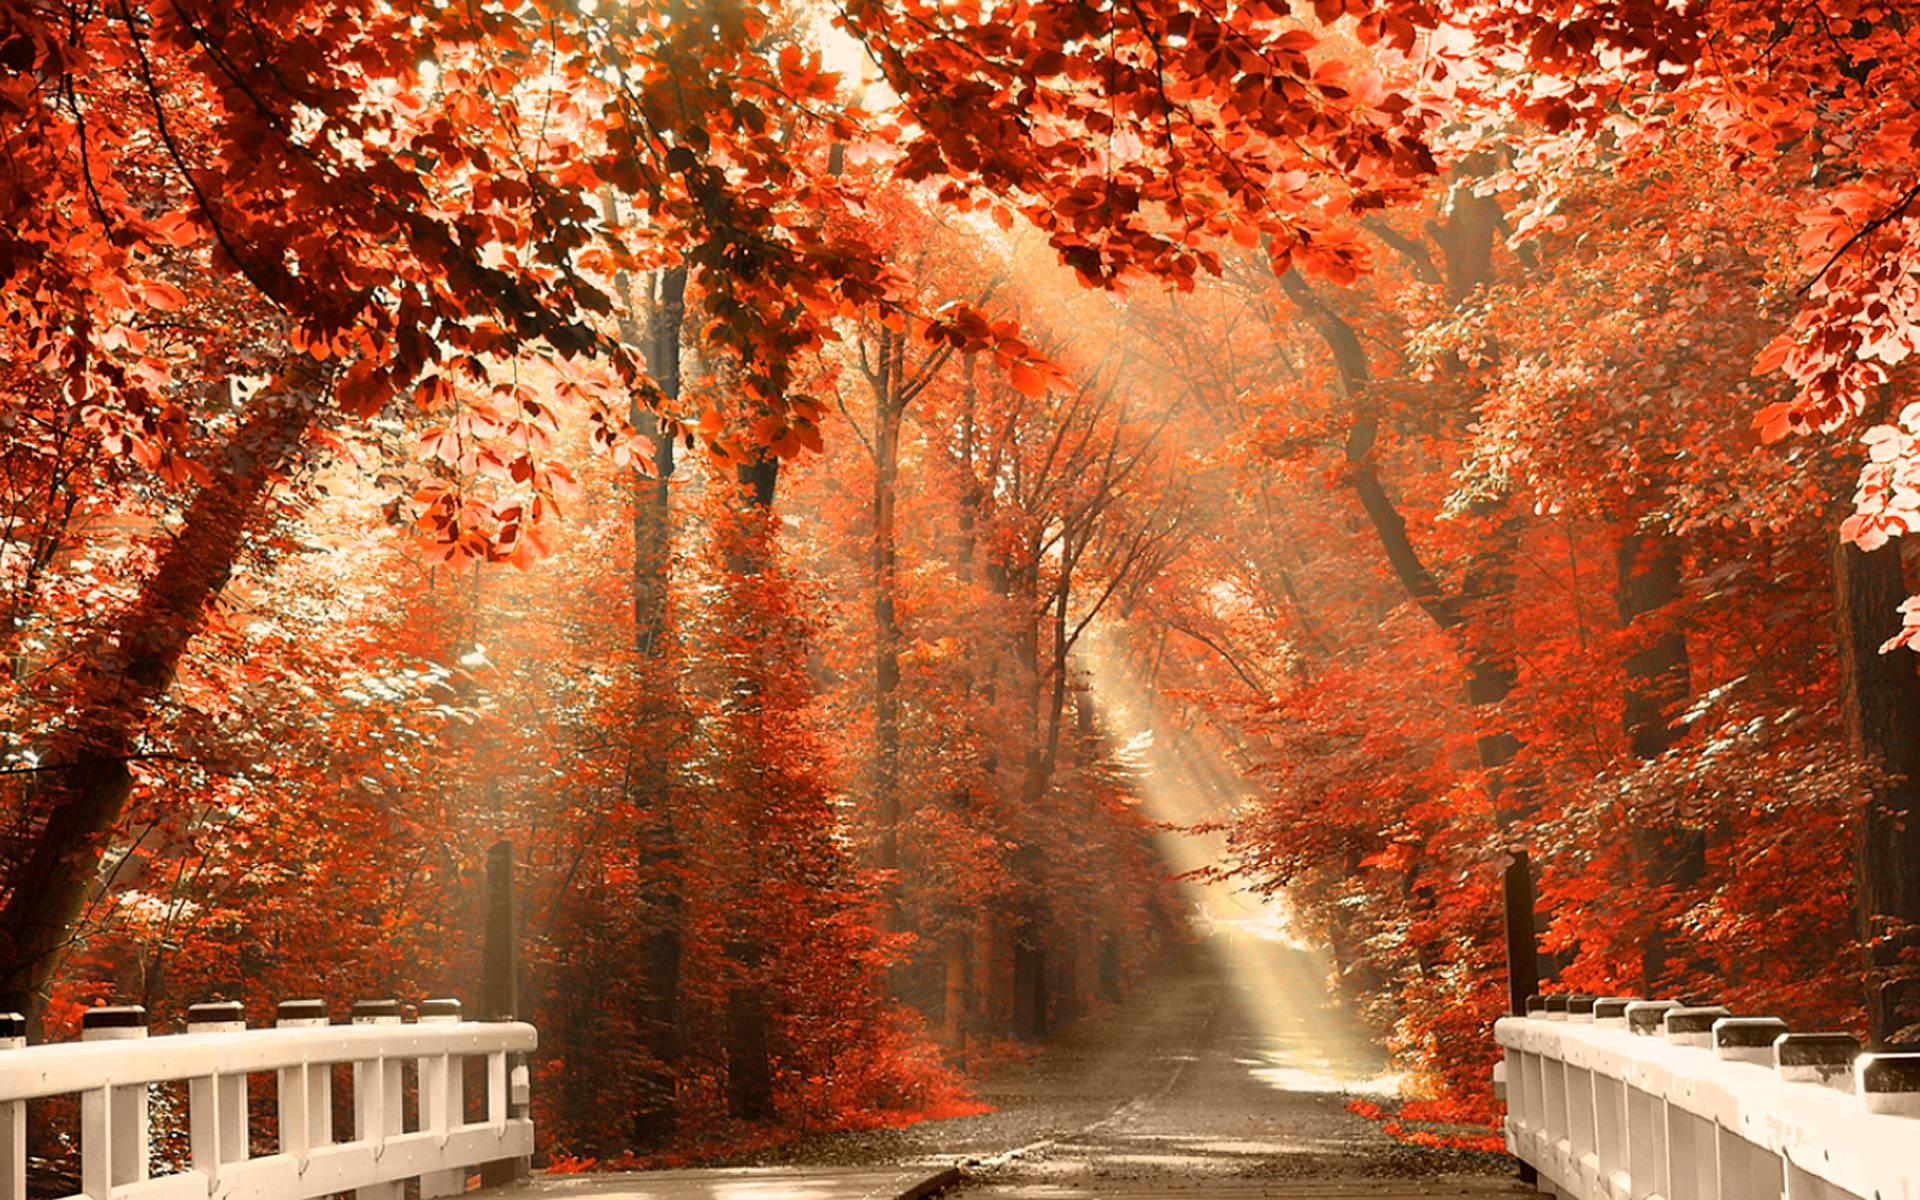 Autumn Landscape wallpaper - 819446 | Automn Landscapes ...